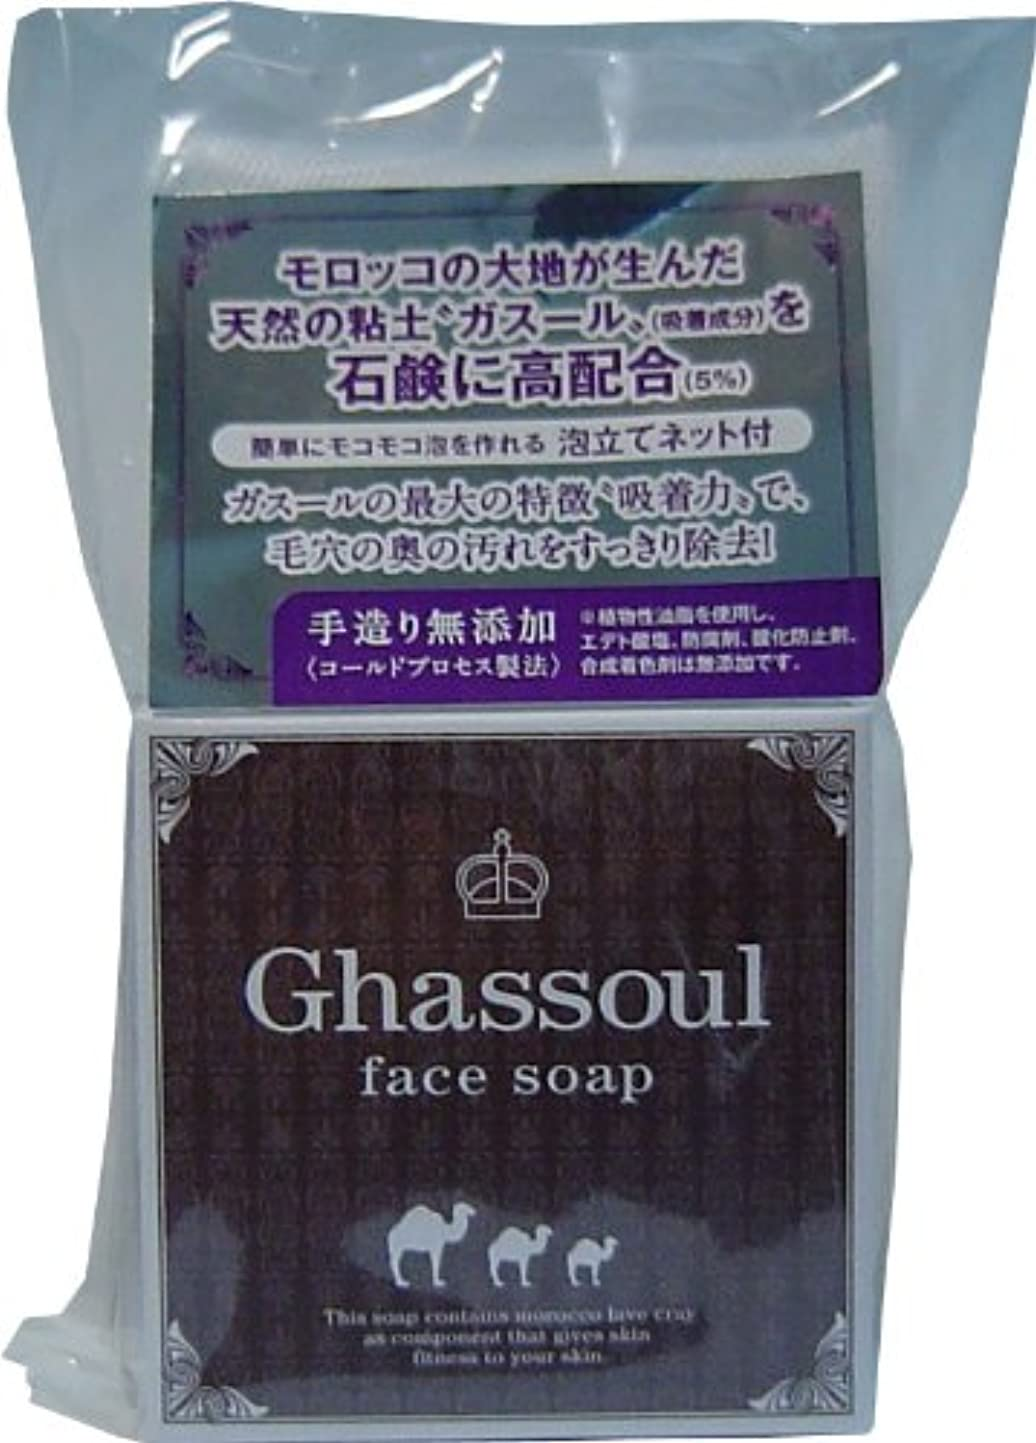 Ghassoul face soap ガスールフェイスソープ 100g「4点セット」